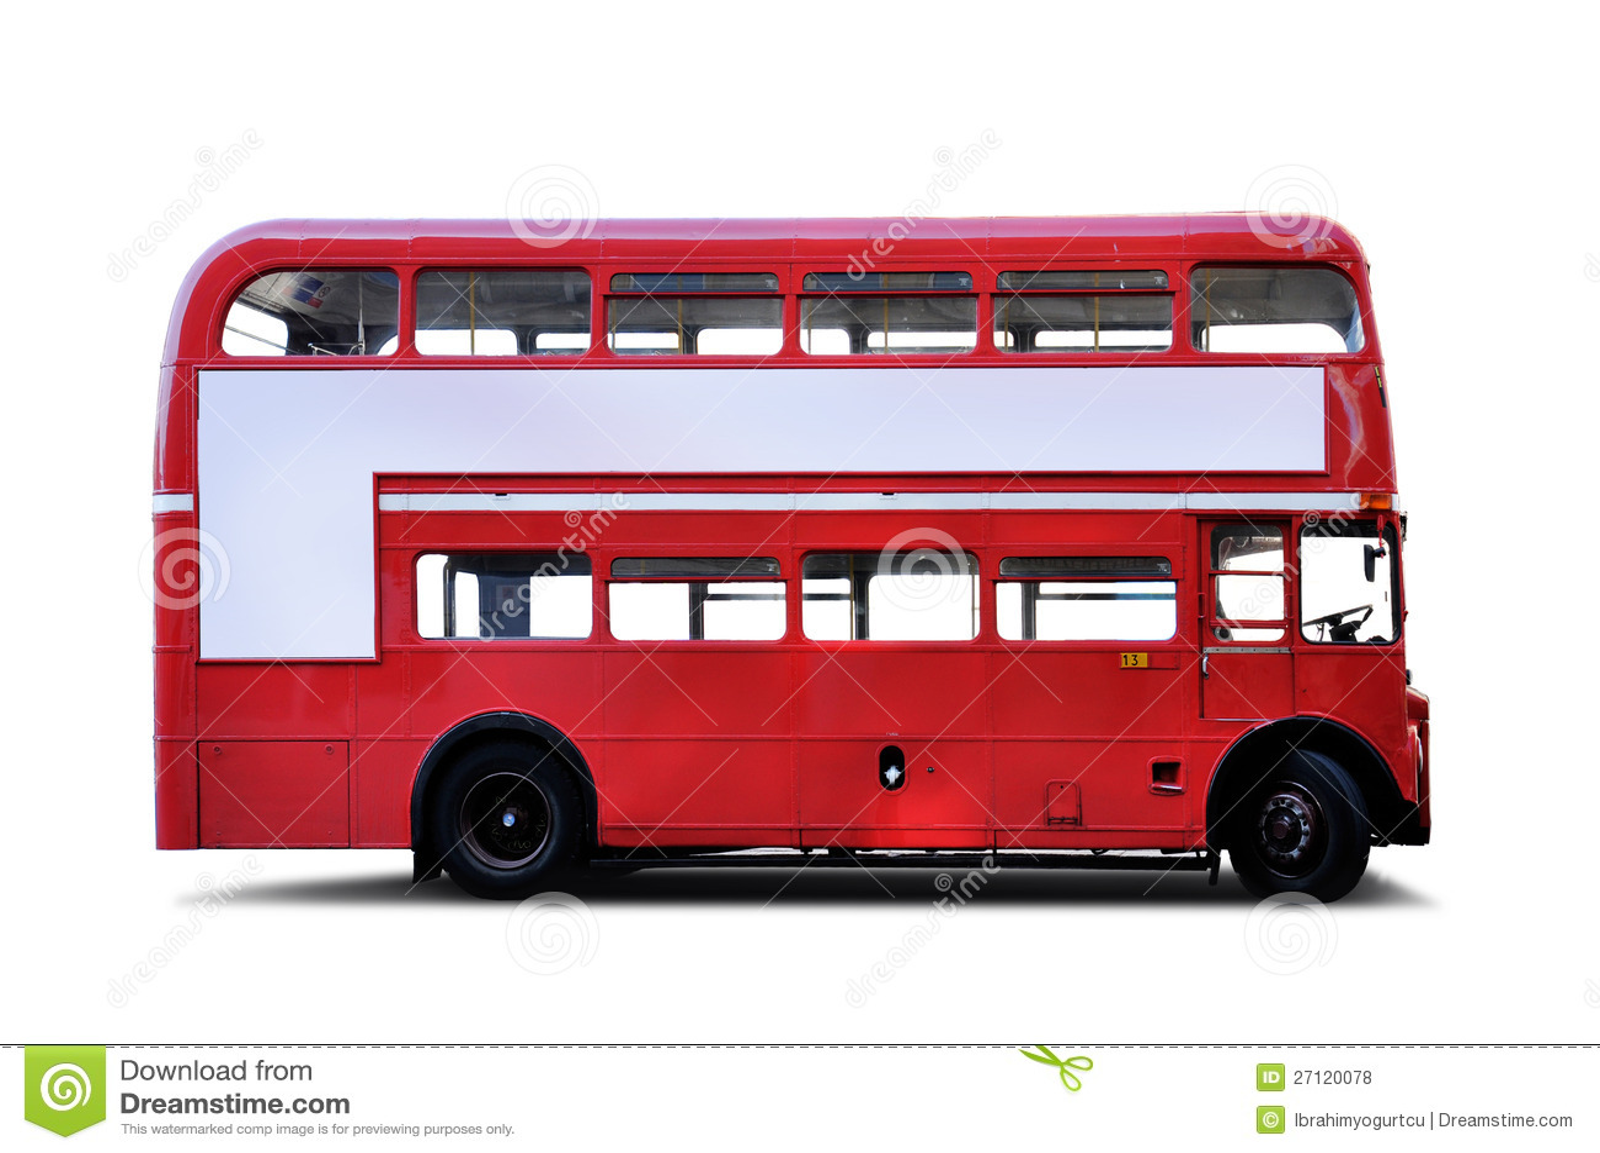 double decker bus royalty free stock photos